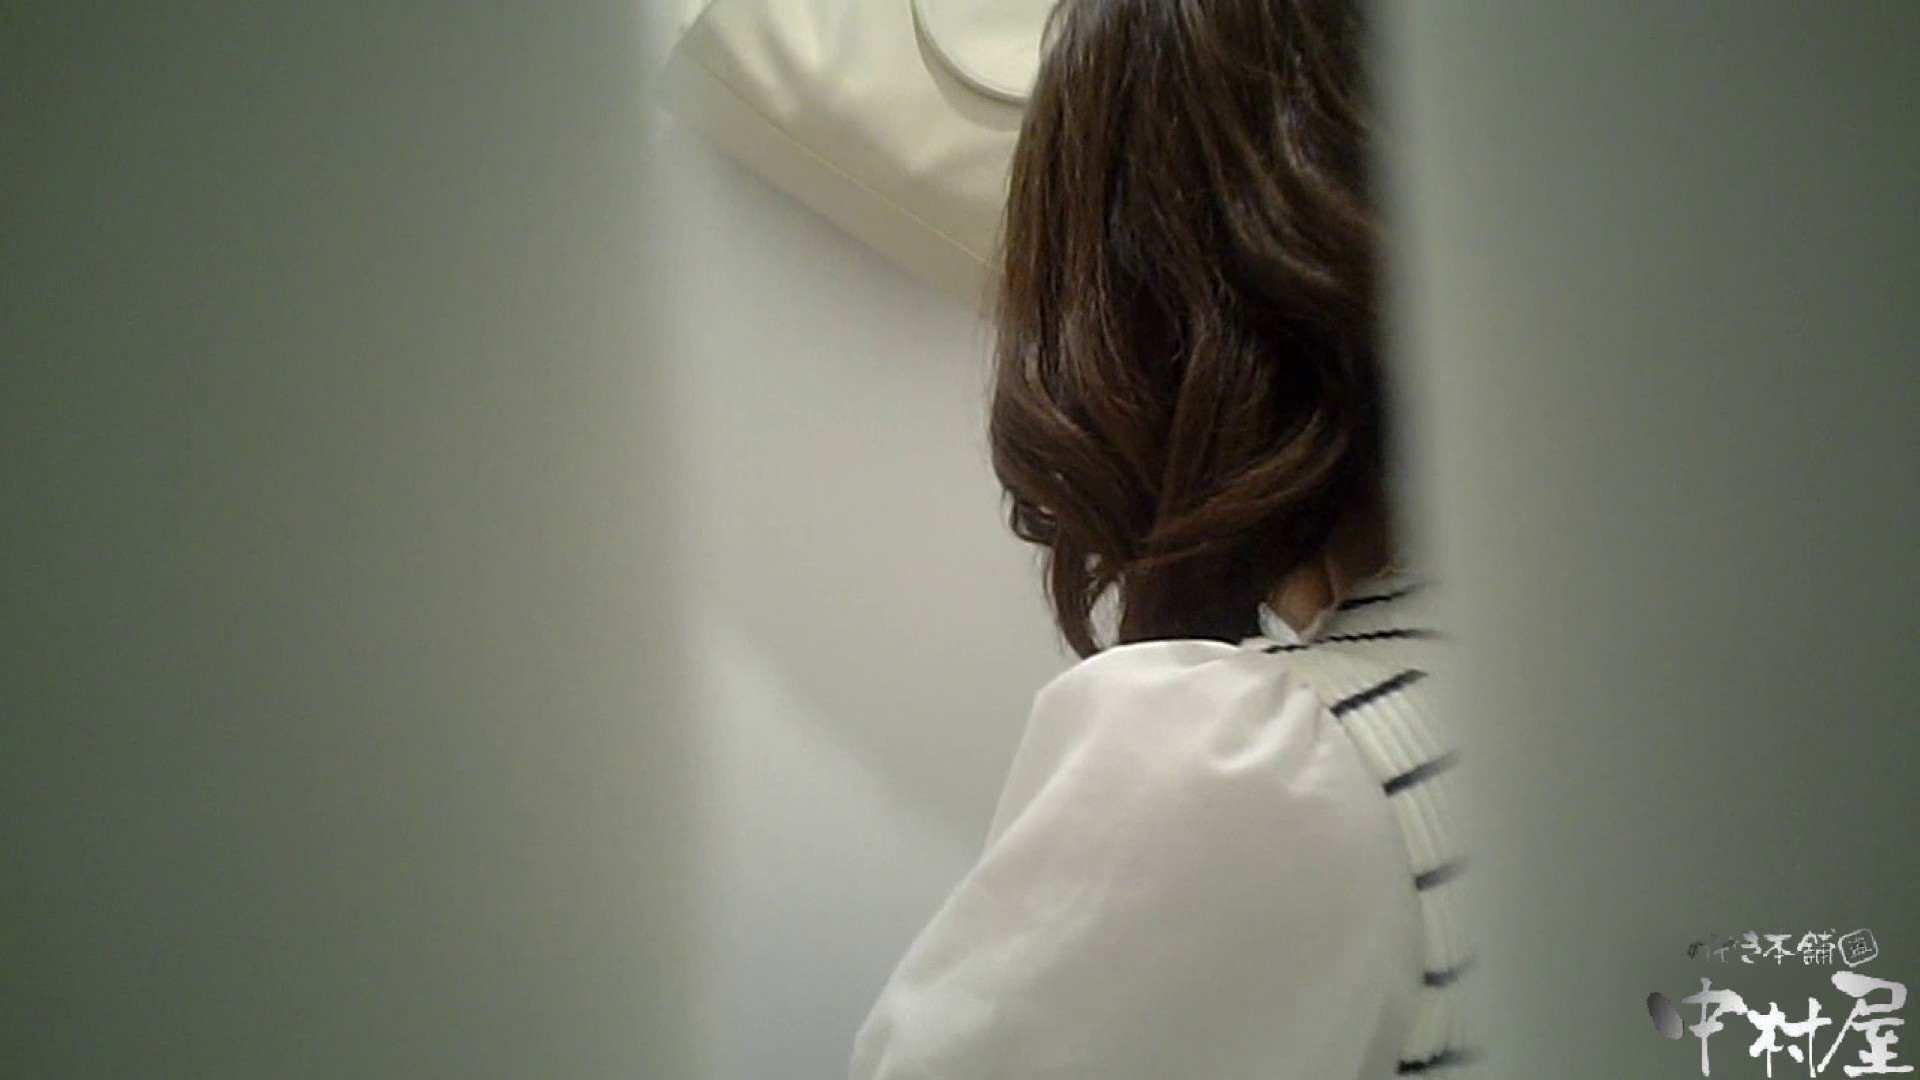 【某有名大学女性洗面所】有名大学女性洗面所 vol.37 ついでにアンダーヘアーの状態確認ですね。 OL  48連発 44